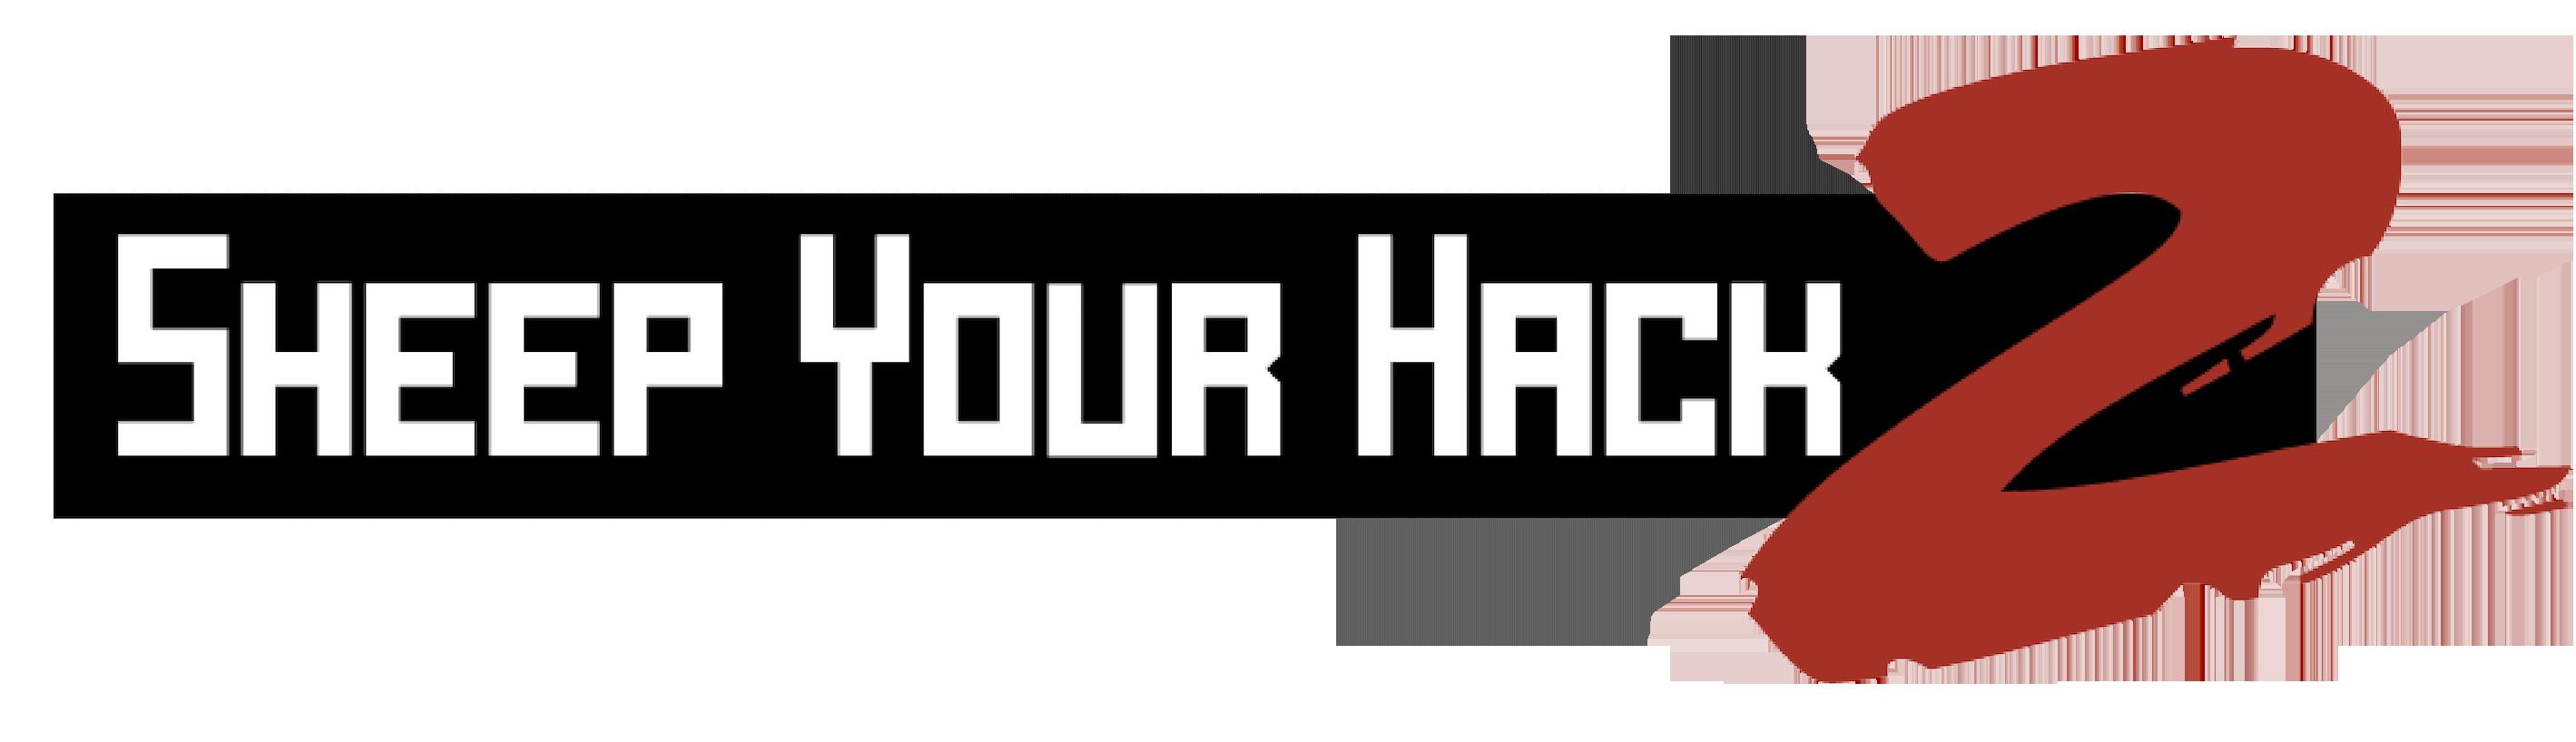 2. edycja hackathonu SheepYourHack